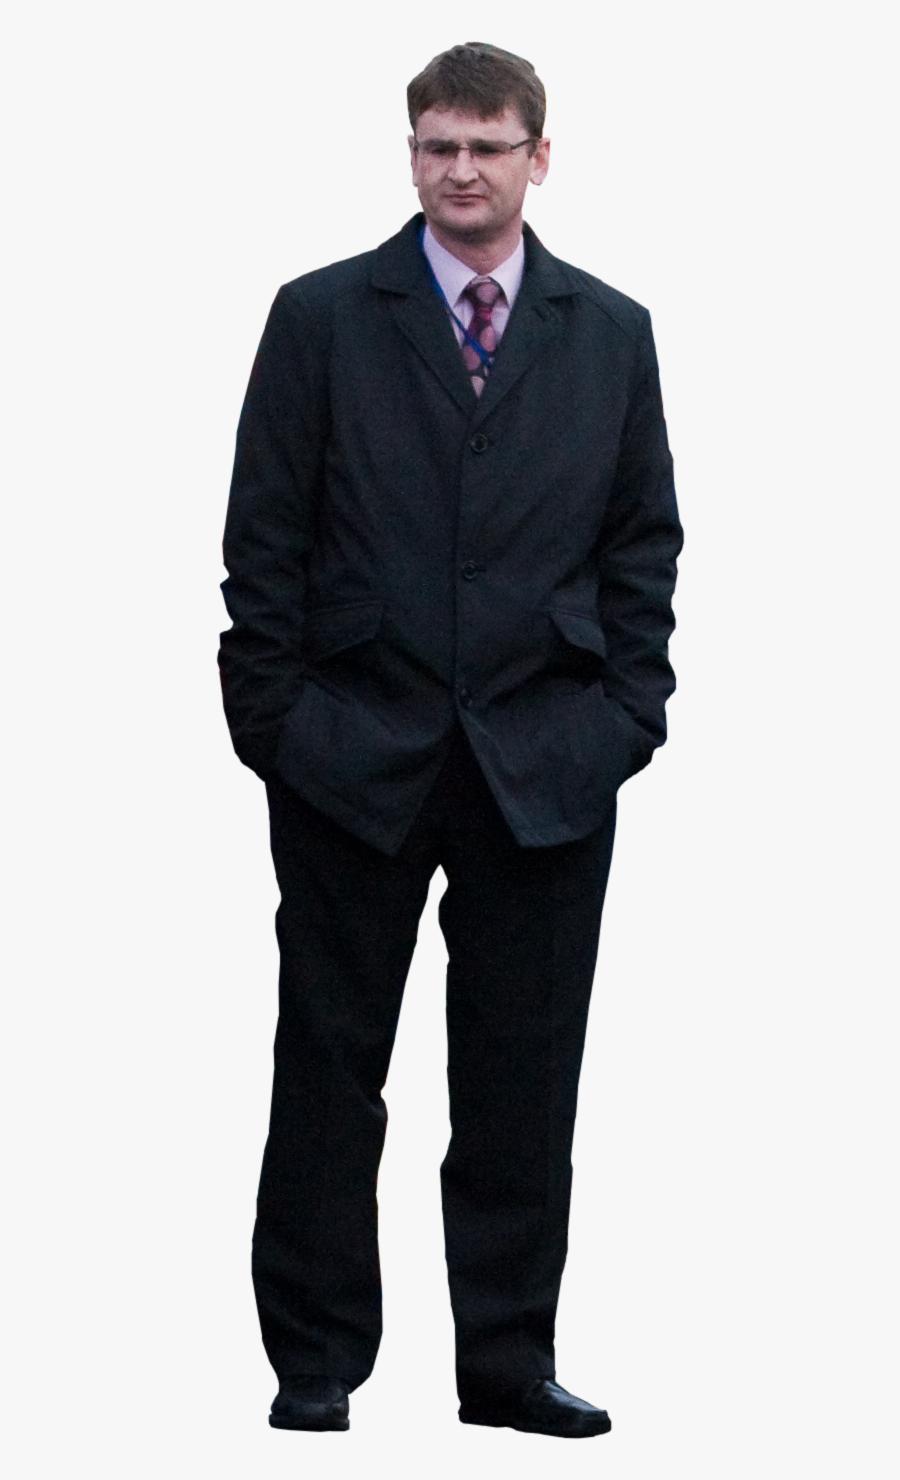 Suit Png Clipart - Man In Suit, Transparent Clipart